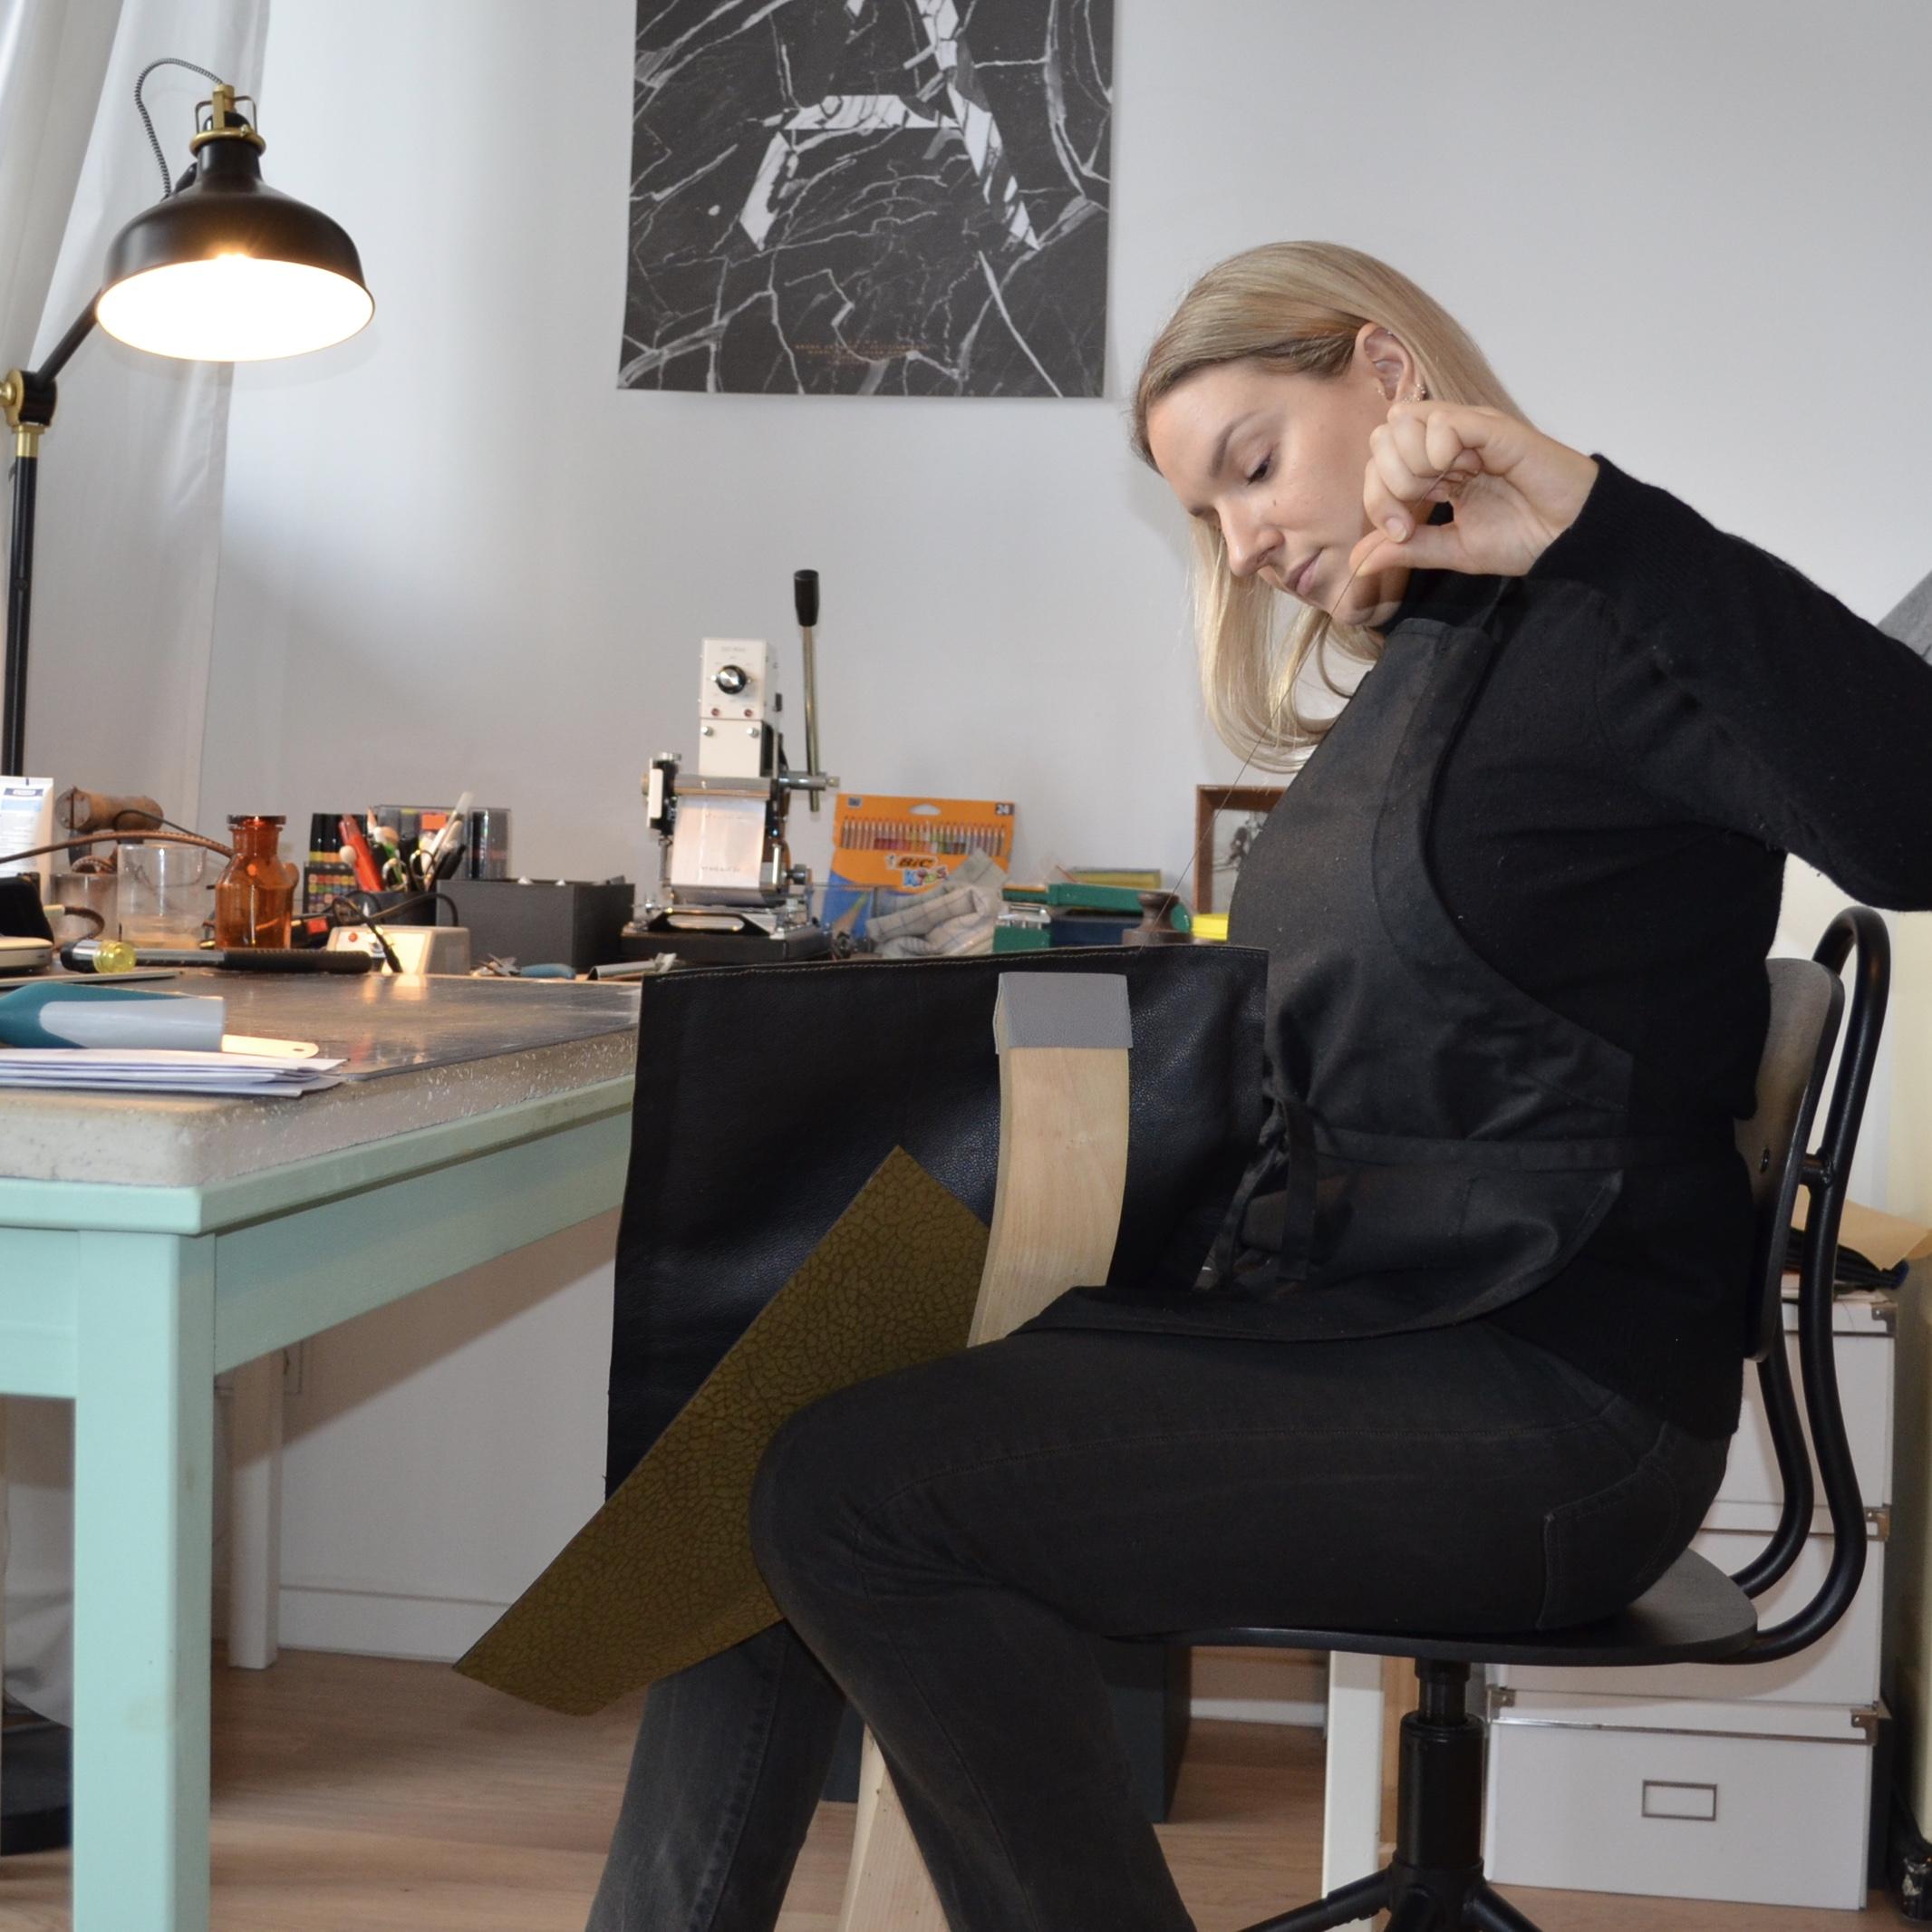 Handgefertigt in Deutschland - Wenn wir Mode und Accessoires kaufen vergessen wir häufig zu hinterfragen, woher die Produkte stammen und wer die Menschen sind, die sie für uns herstellen.Alle meine Produkte werden zu 100% von mir, in Deutschland gefertigt. Hierfür verwende ich die althergebrachten Methoden der französischen und italienischen Meister. So kann ich die bestmögliche Qualität für meine Produkte sicherstellen.Mehr zu den von mir verwendeten Methoden findest du auch auf meinem Blog.